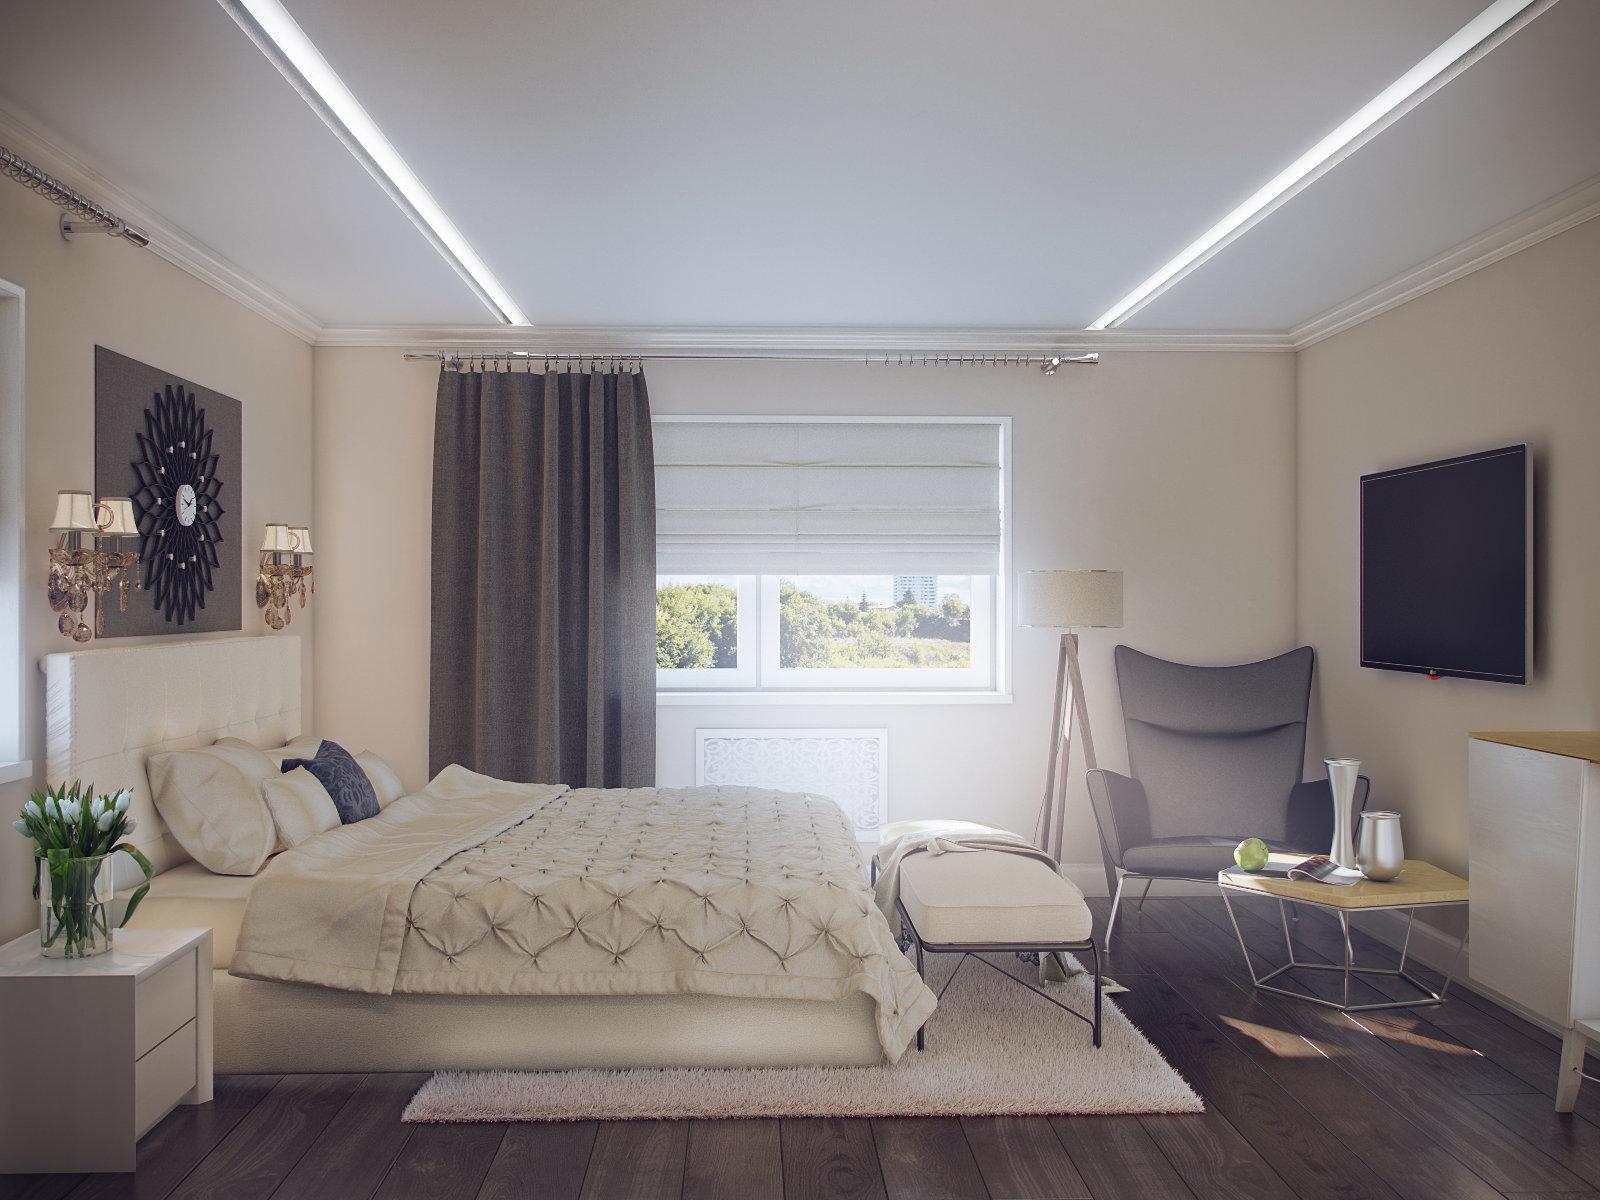 2014 - Bedroom